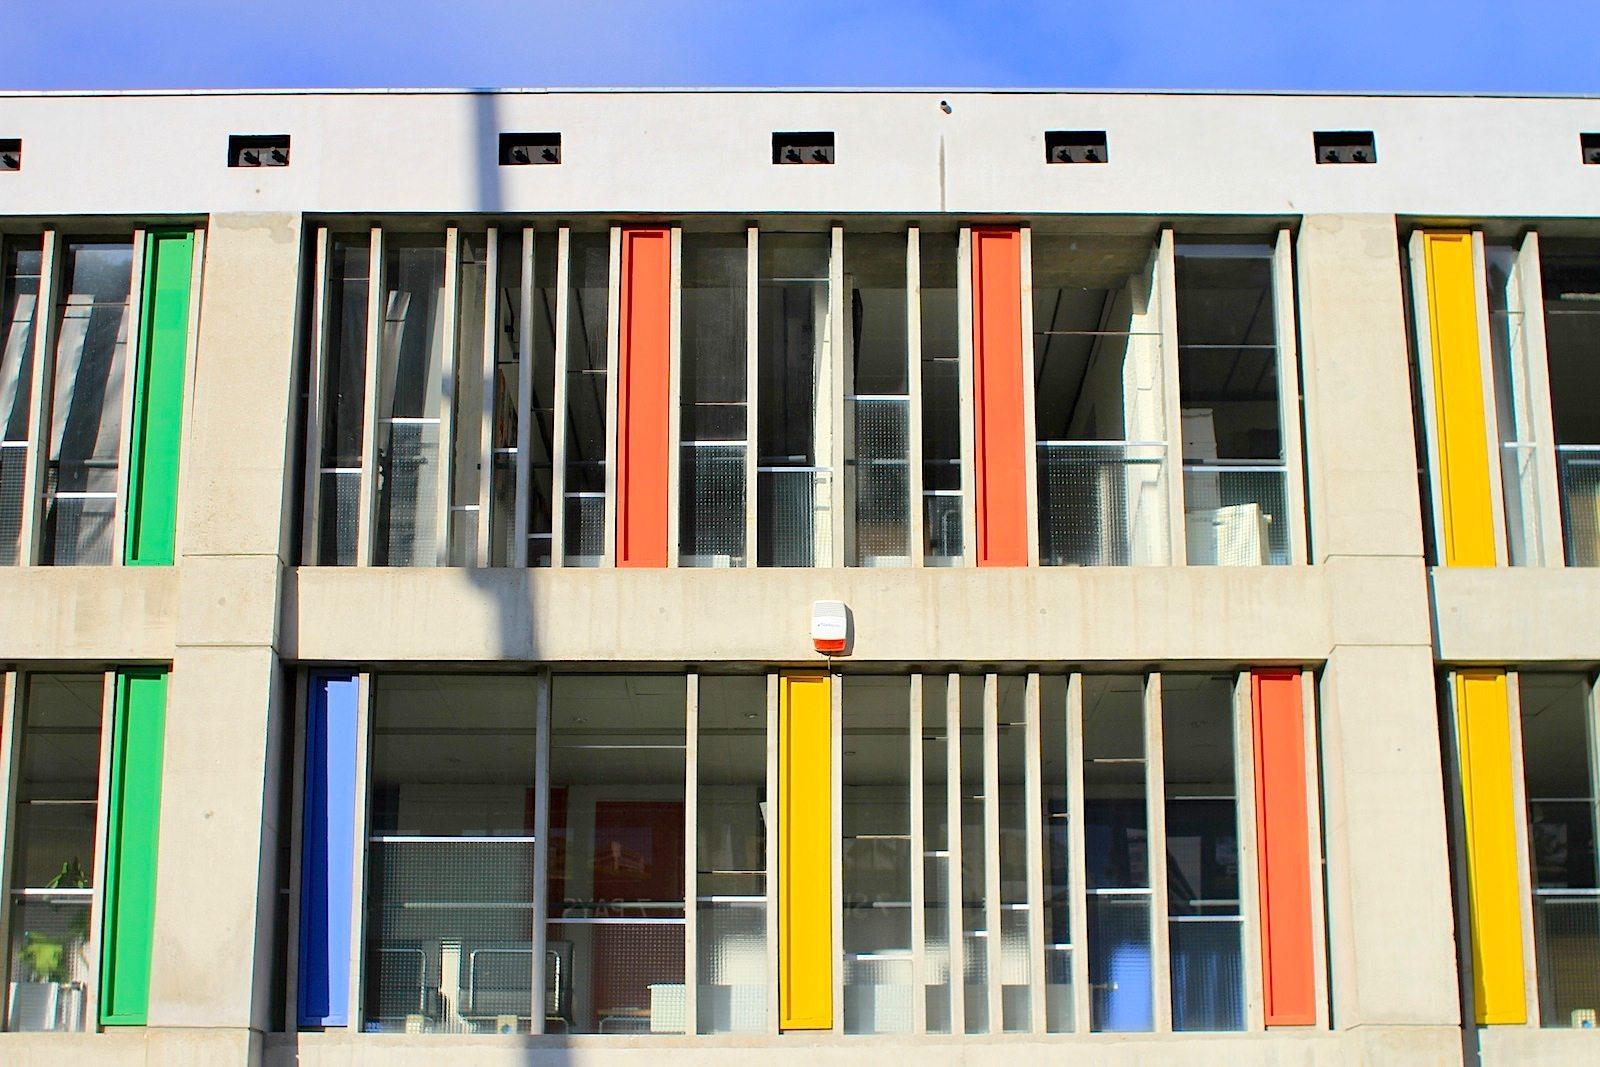 Maison de la Culture. Die vertikalen Fensteröffnungen sind vom Architekten und Musiker Iannis Xenakis konzipiert worden. Sie stellen durch ihre Abstände und Variationen Klänge dar.